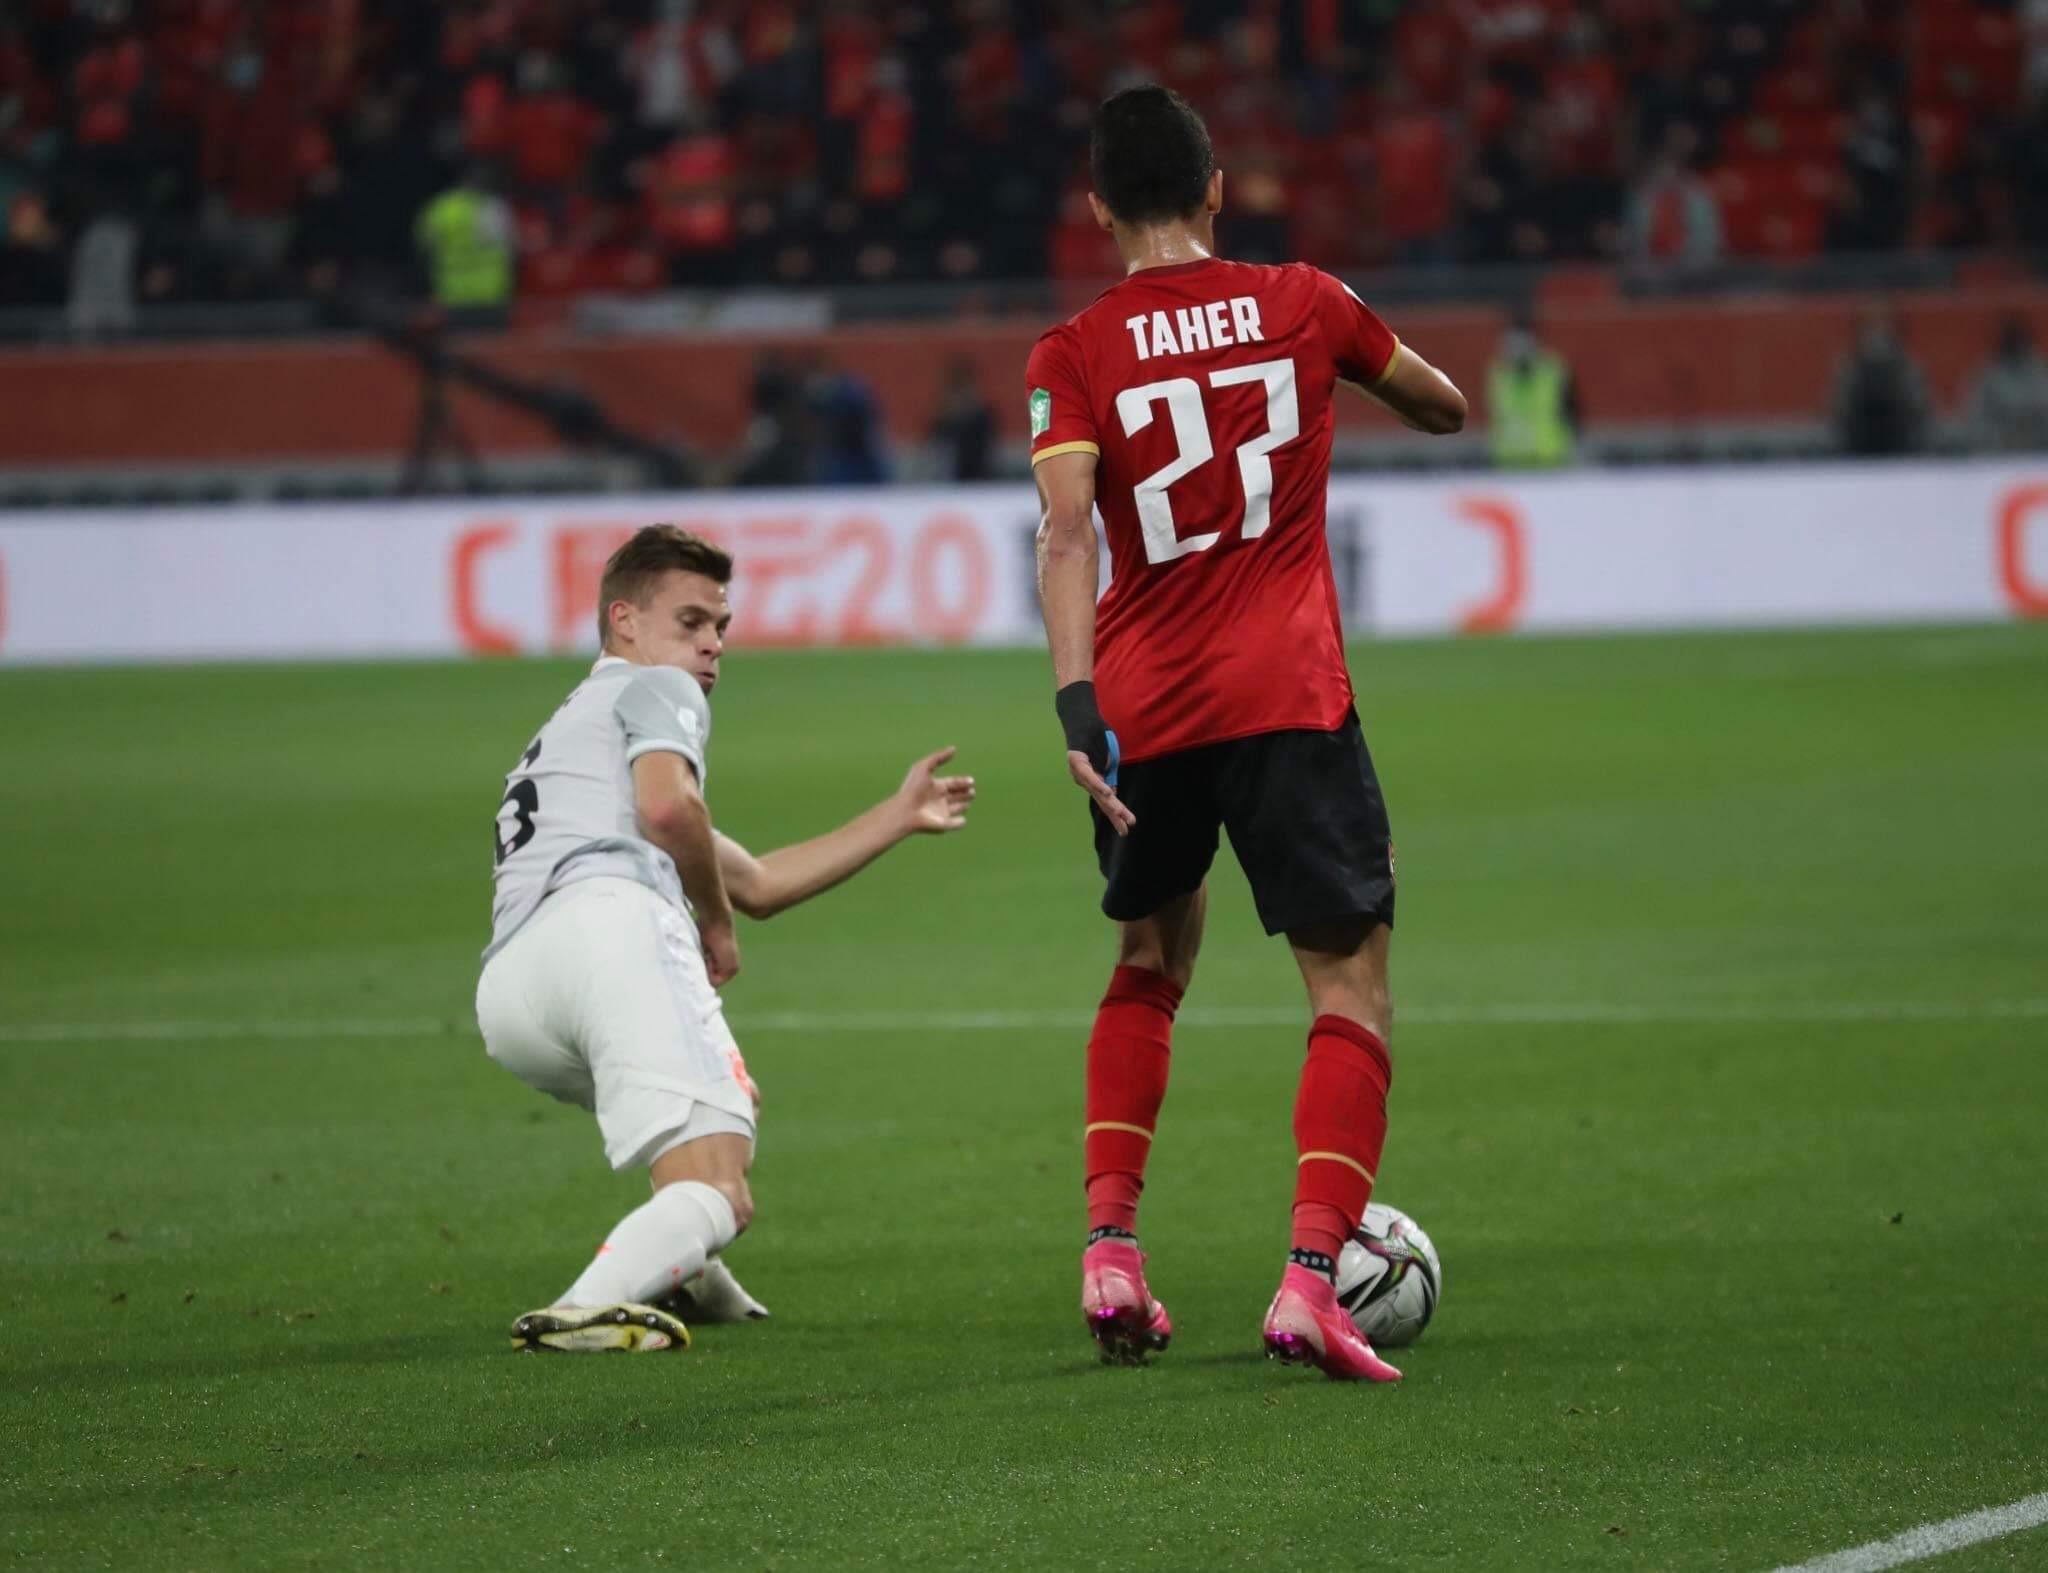 الأهلي في المونديال| طاهر وديانج في اختبار المنشطات عقب مباراة بايرن ميونيخ